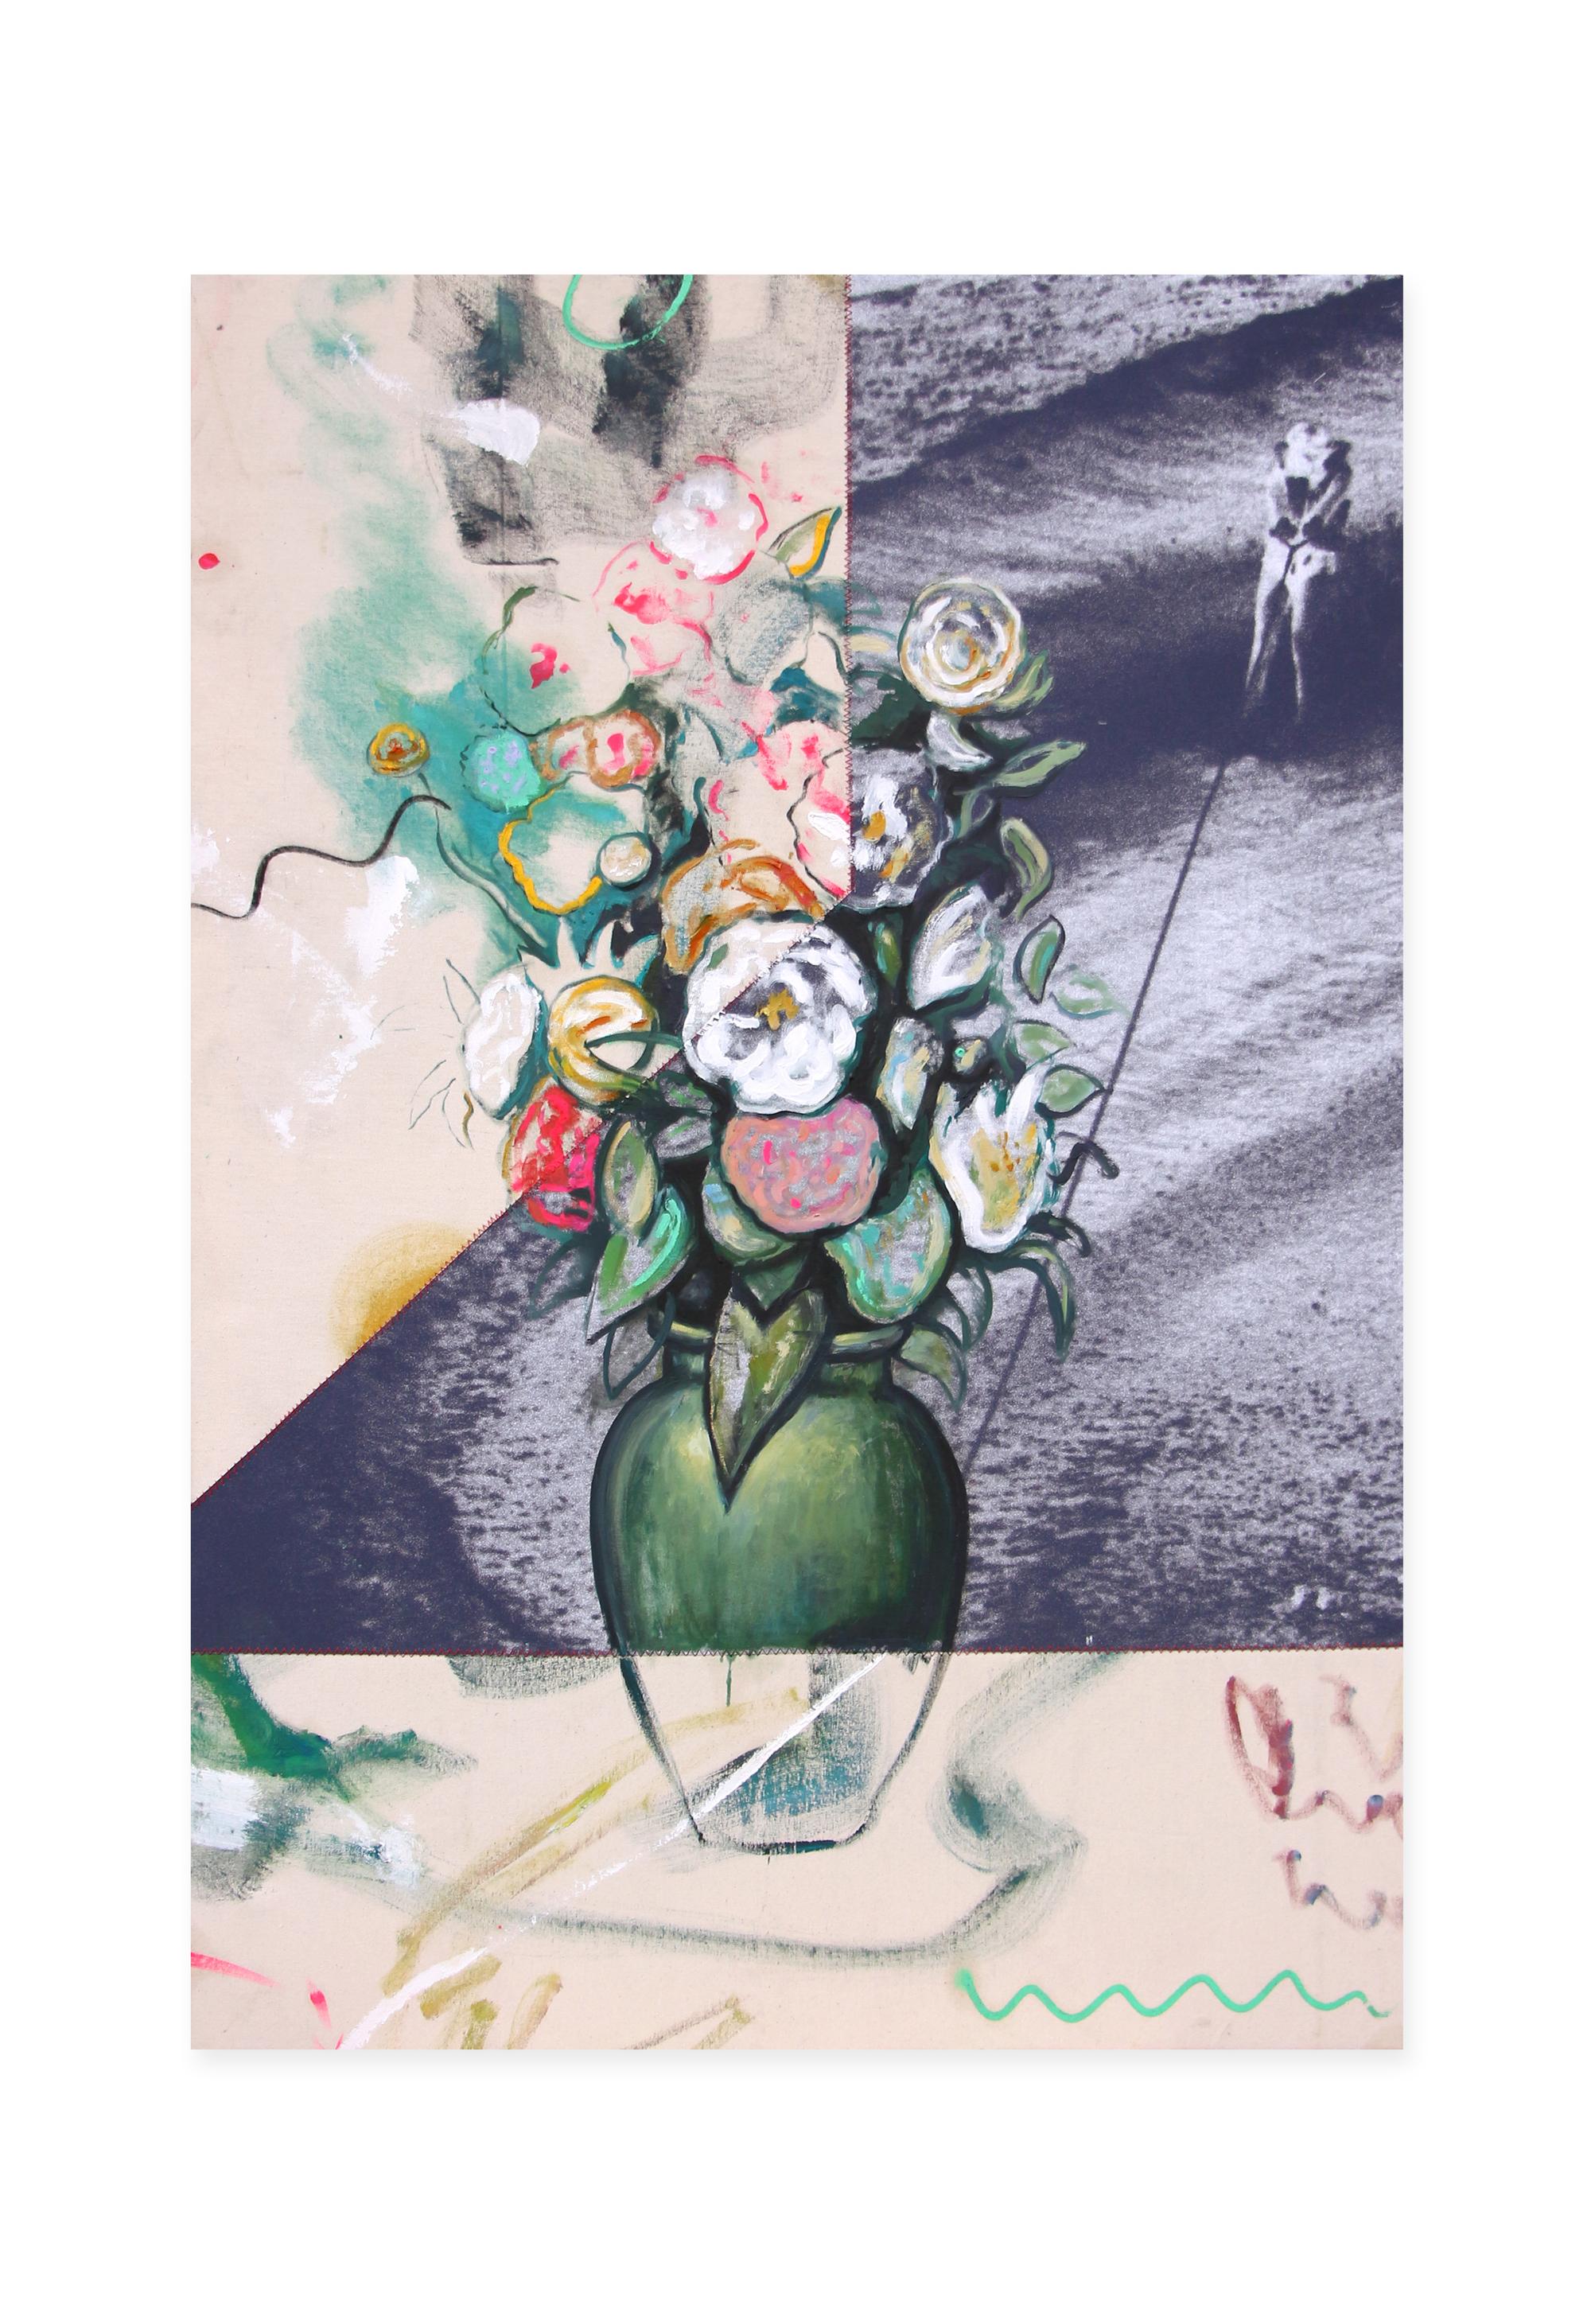 The Awareness of Sin, 2019, Peinture à l'huile et tirage photographique cousus sur toile, 89 x 130 cm